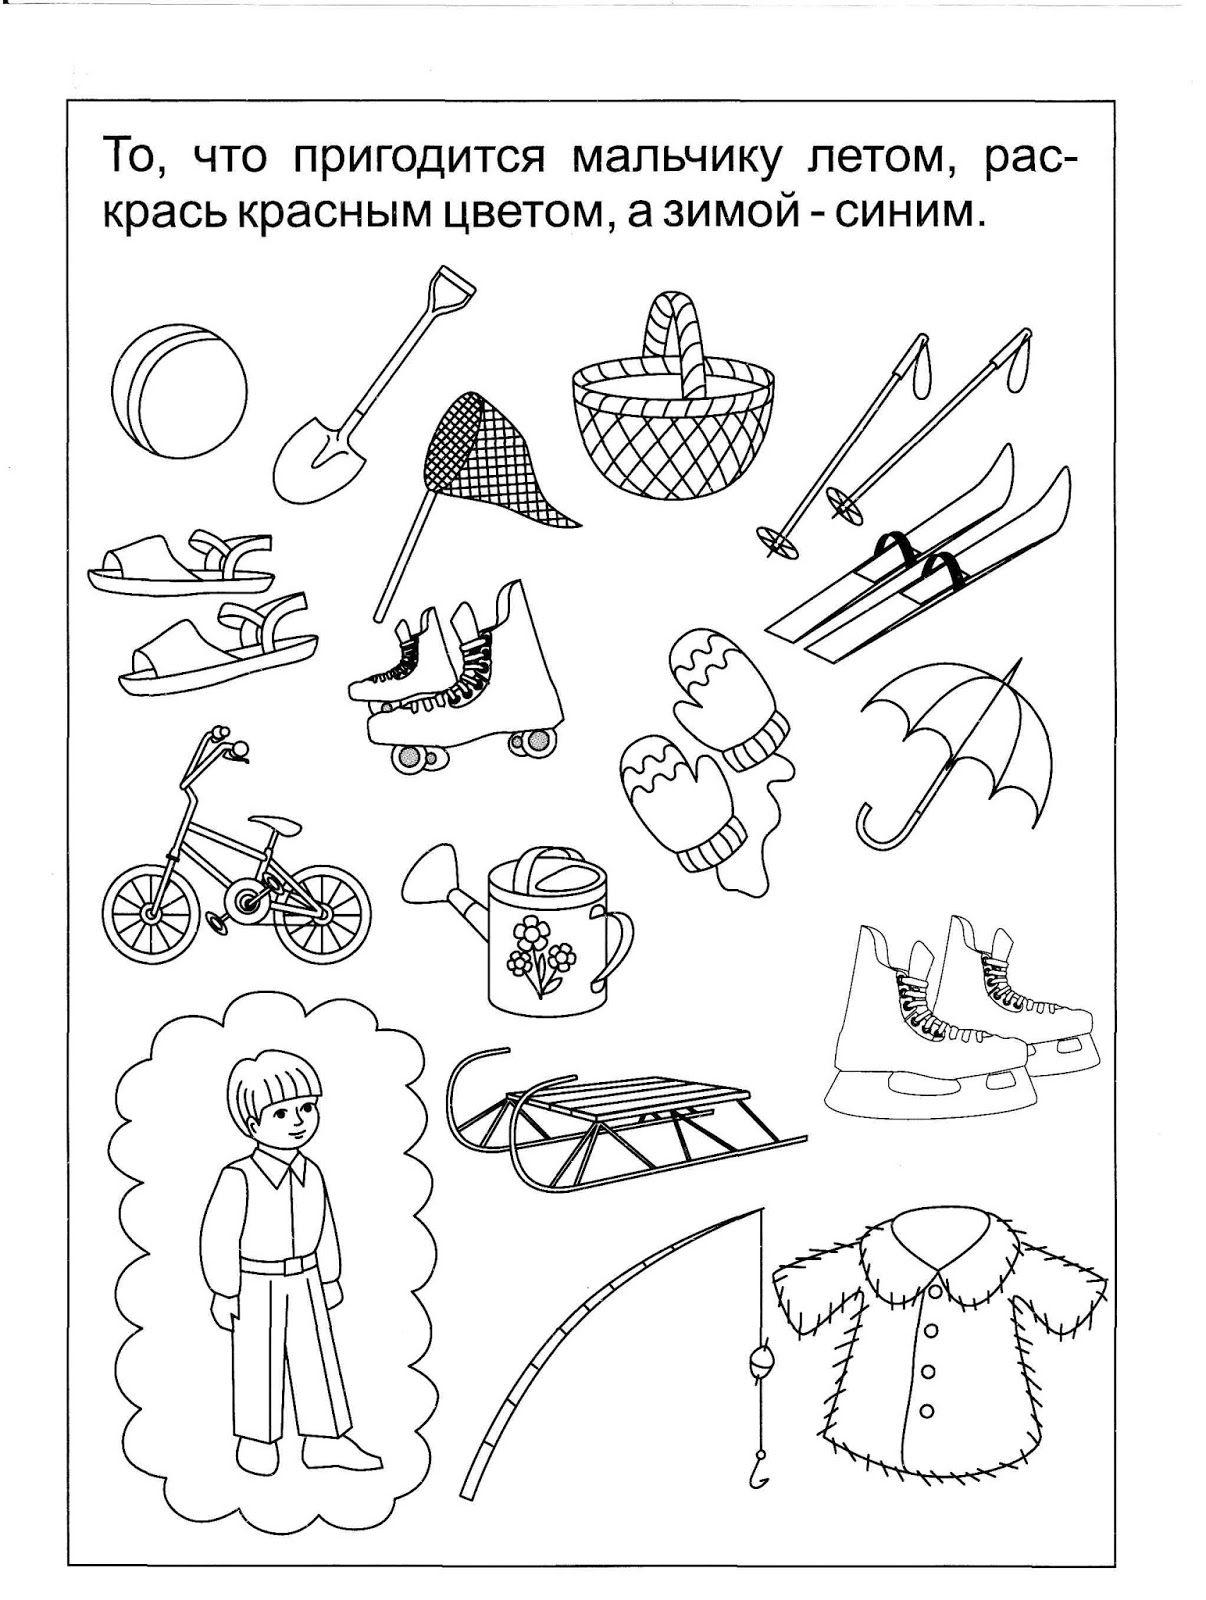 Блог учителя - дефектолога Муравьевой Олеси Анатольевны ...